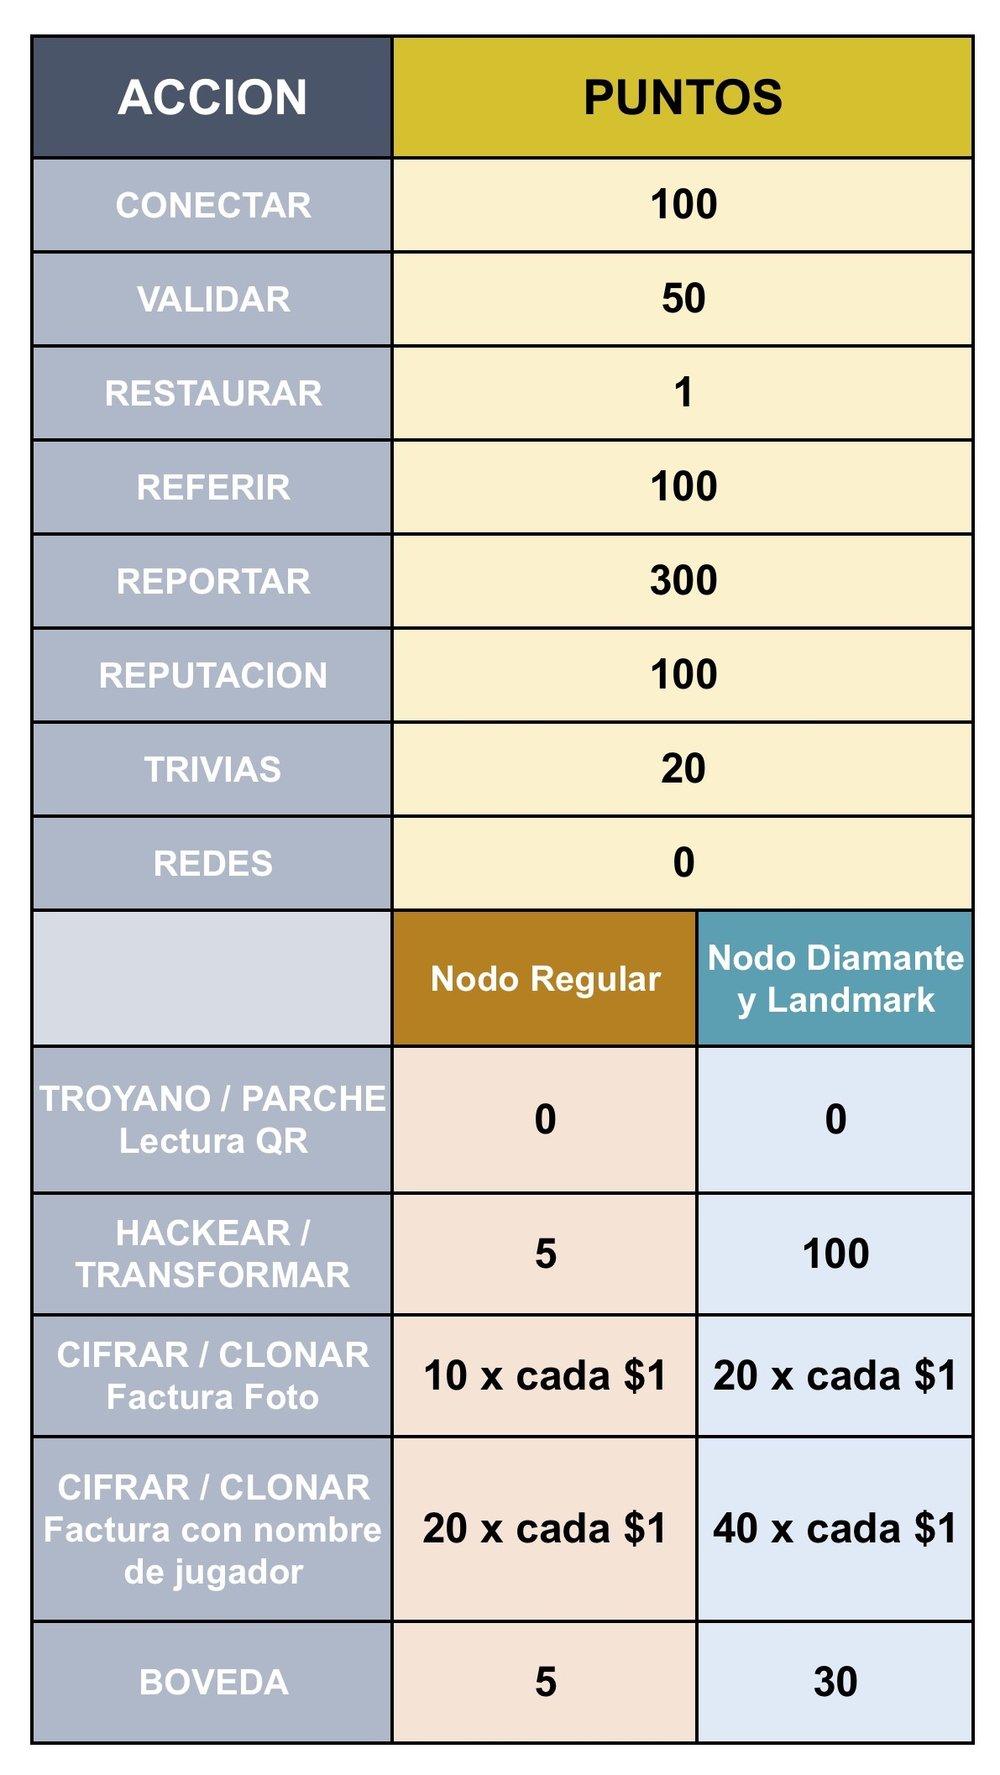 Los puntos son por cada US$1 o su equivalente en moneda nacional al momento de la validación de la factura de compra.